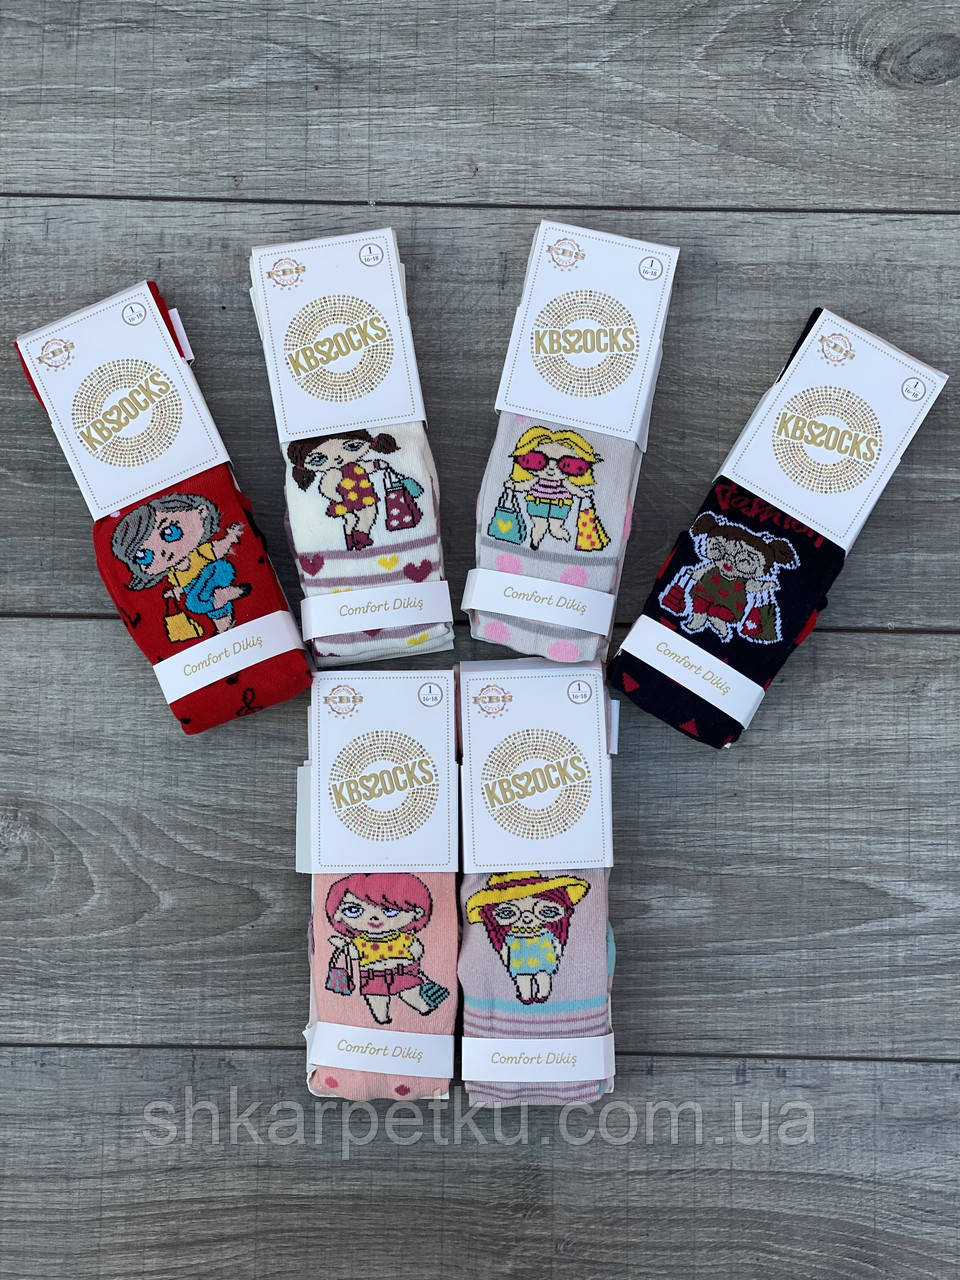 Дитячі колготи бавовна KBS дівчинка для дівчаток 1 рік 6 шт. в уп. мікс із 6 кольорів